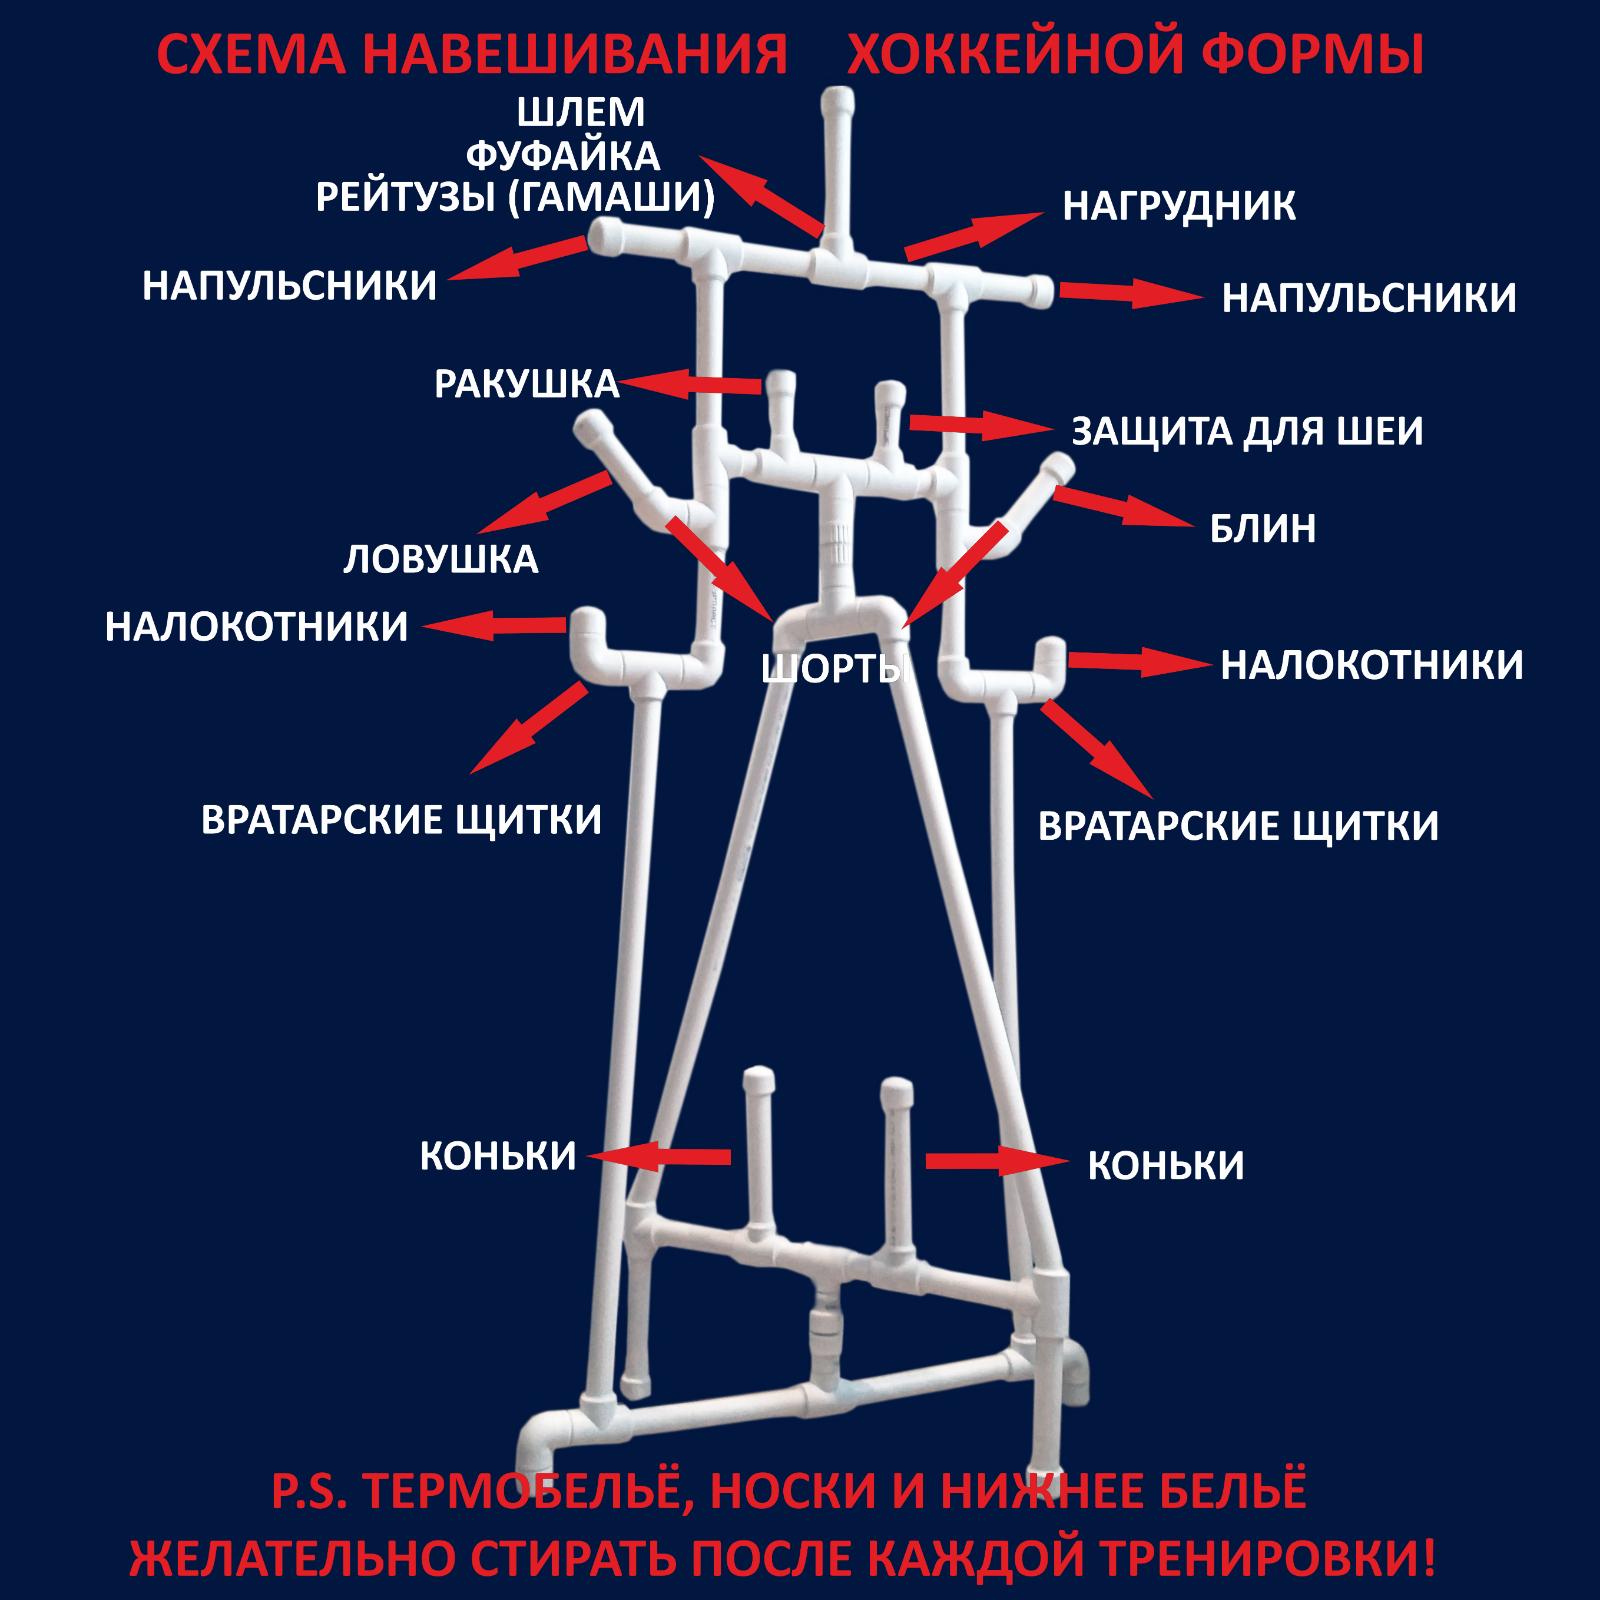 Схема навешивания хоккейной экипировку на НАПОЛЬНУЮ ВЗРОСЛУЮ вешалку GermanHokk